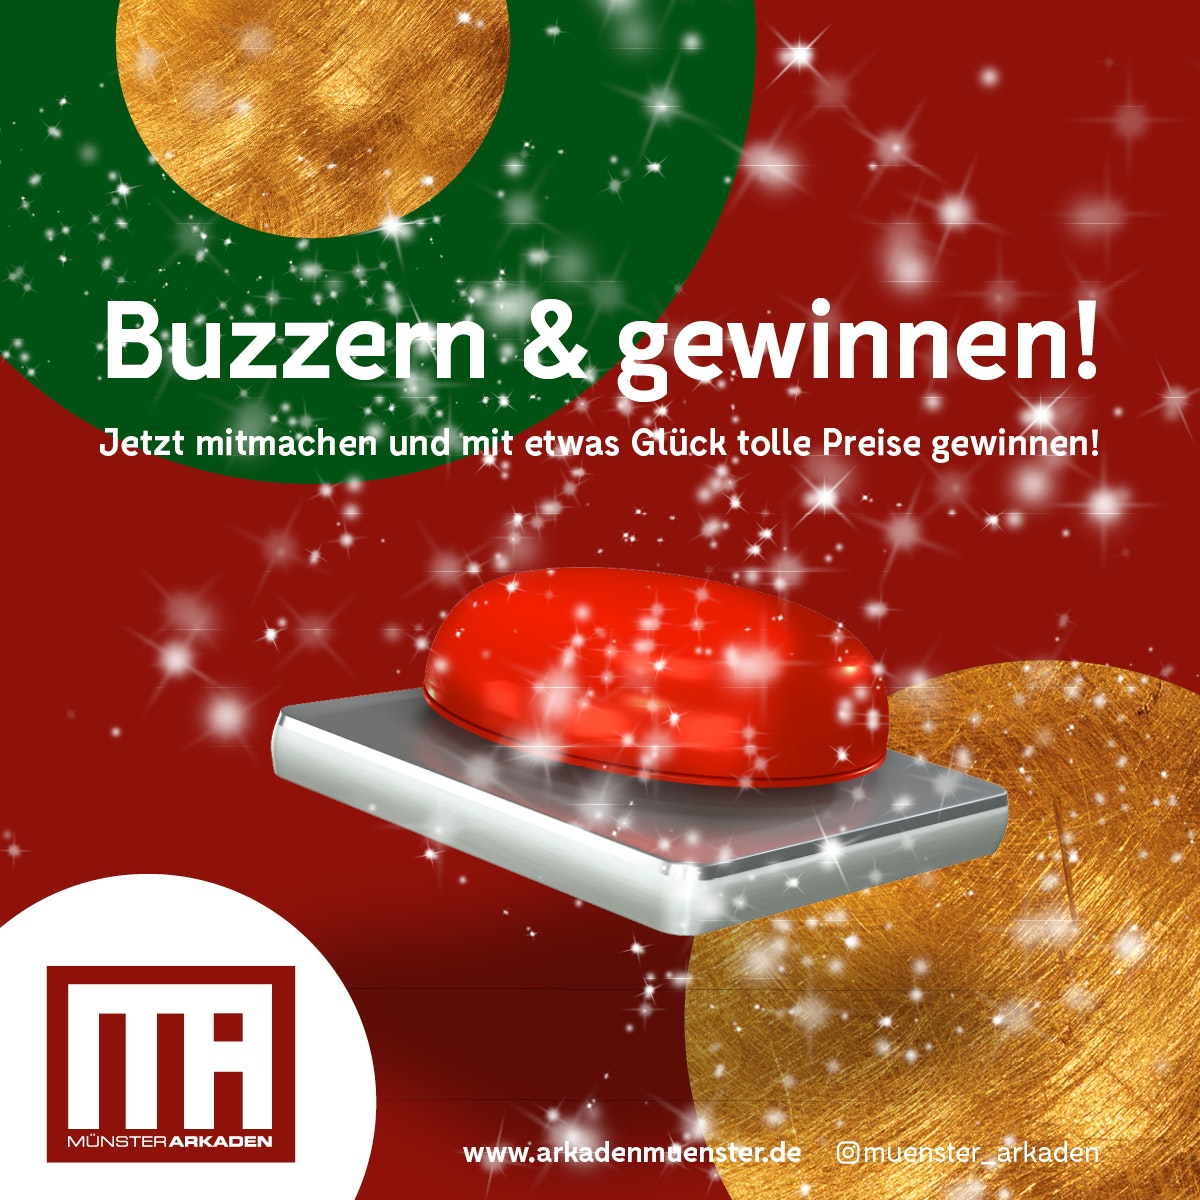 MUK-180040 Buzzern_gewinnen Post